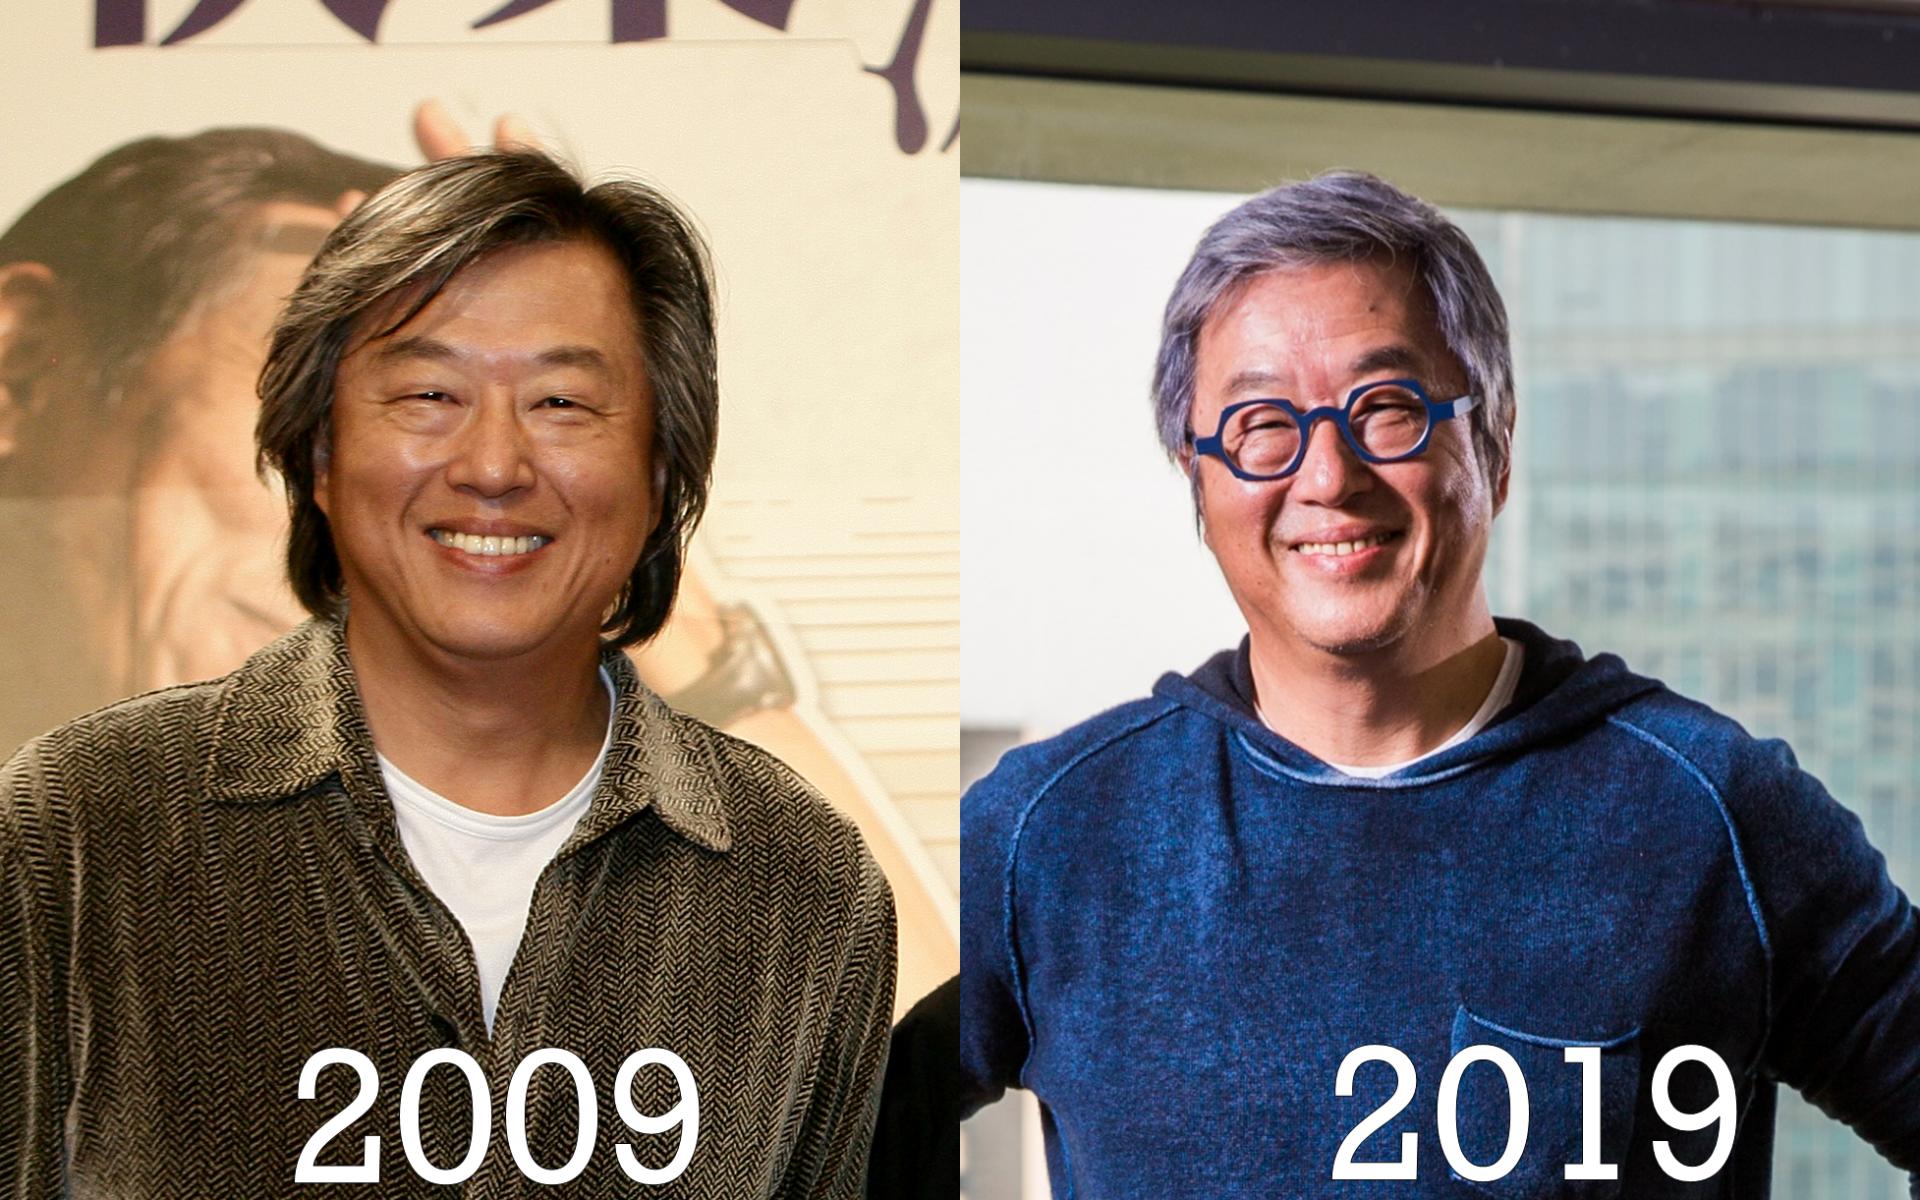 知名製作人王偉忠10年前後的照片除了髮型略有改變外,其他也沒有太大差異。